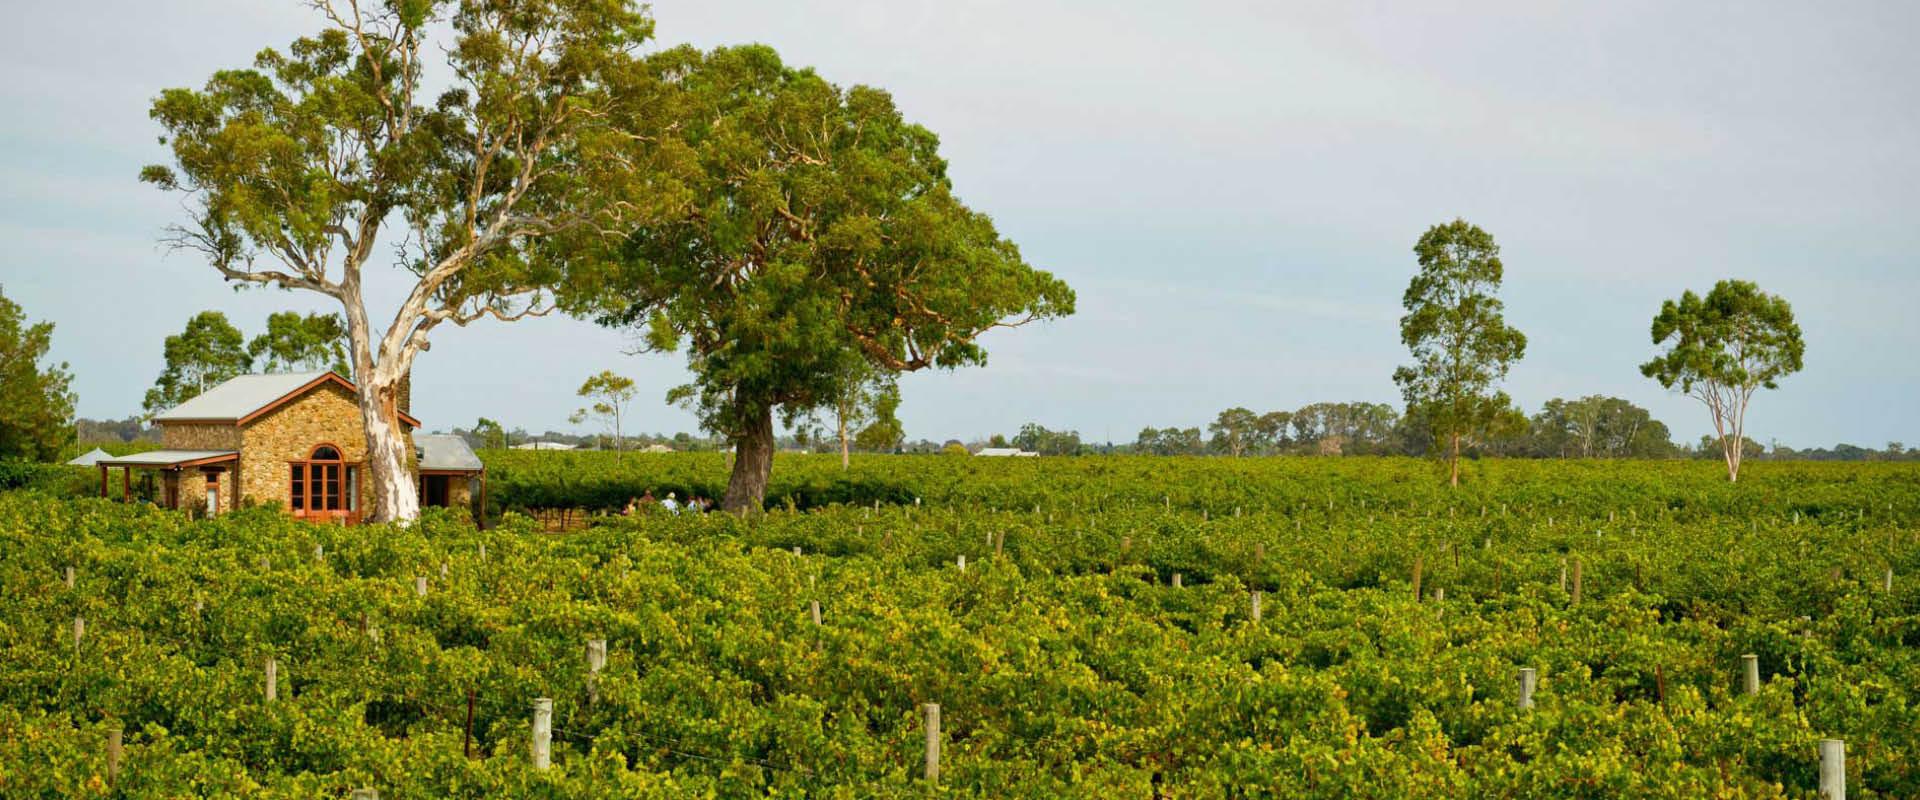 2016南澳葡萄采收报告:产量大增,品质喜人